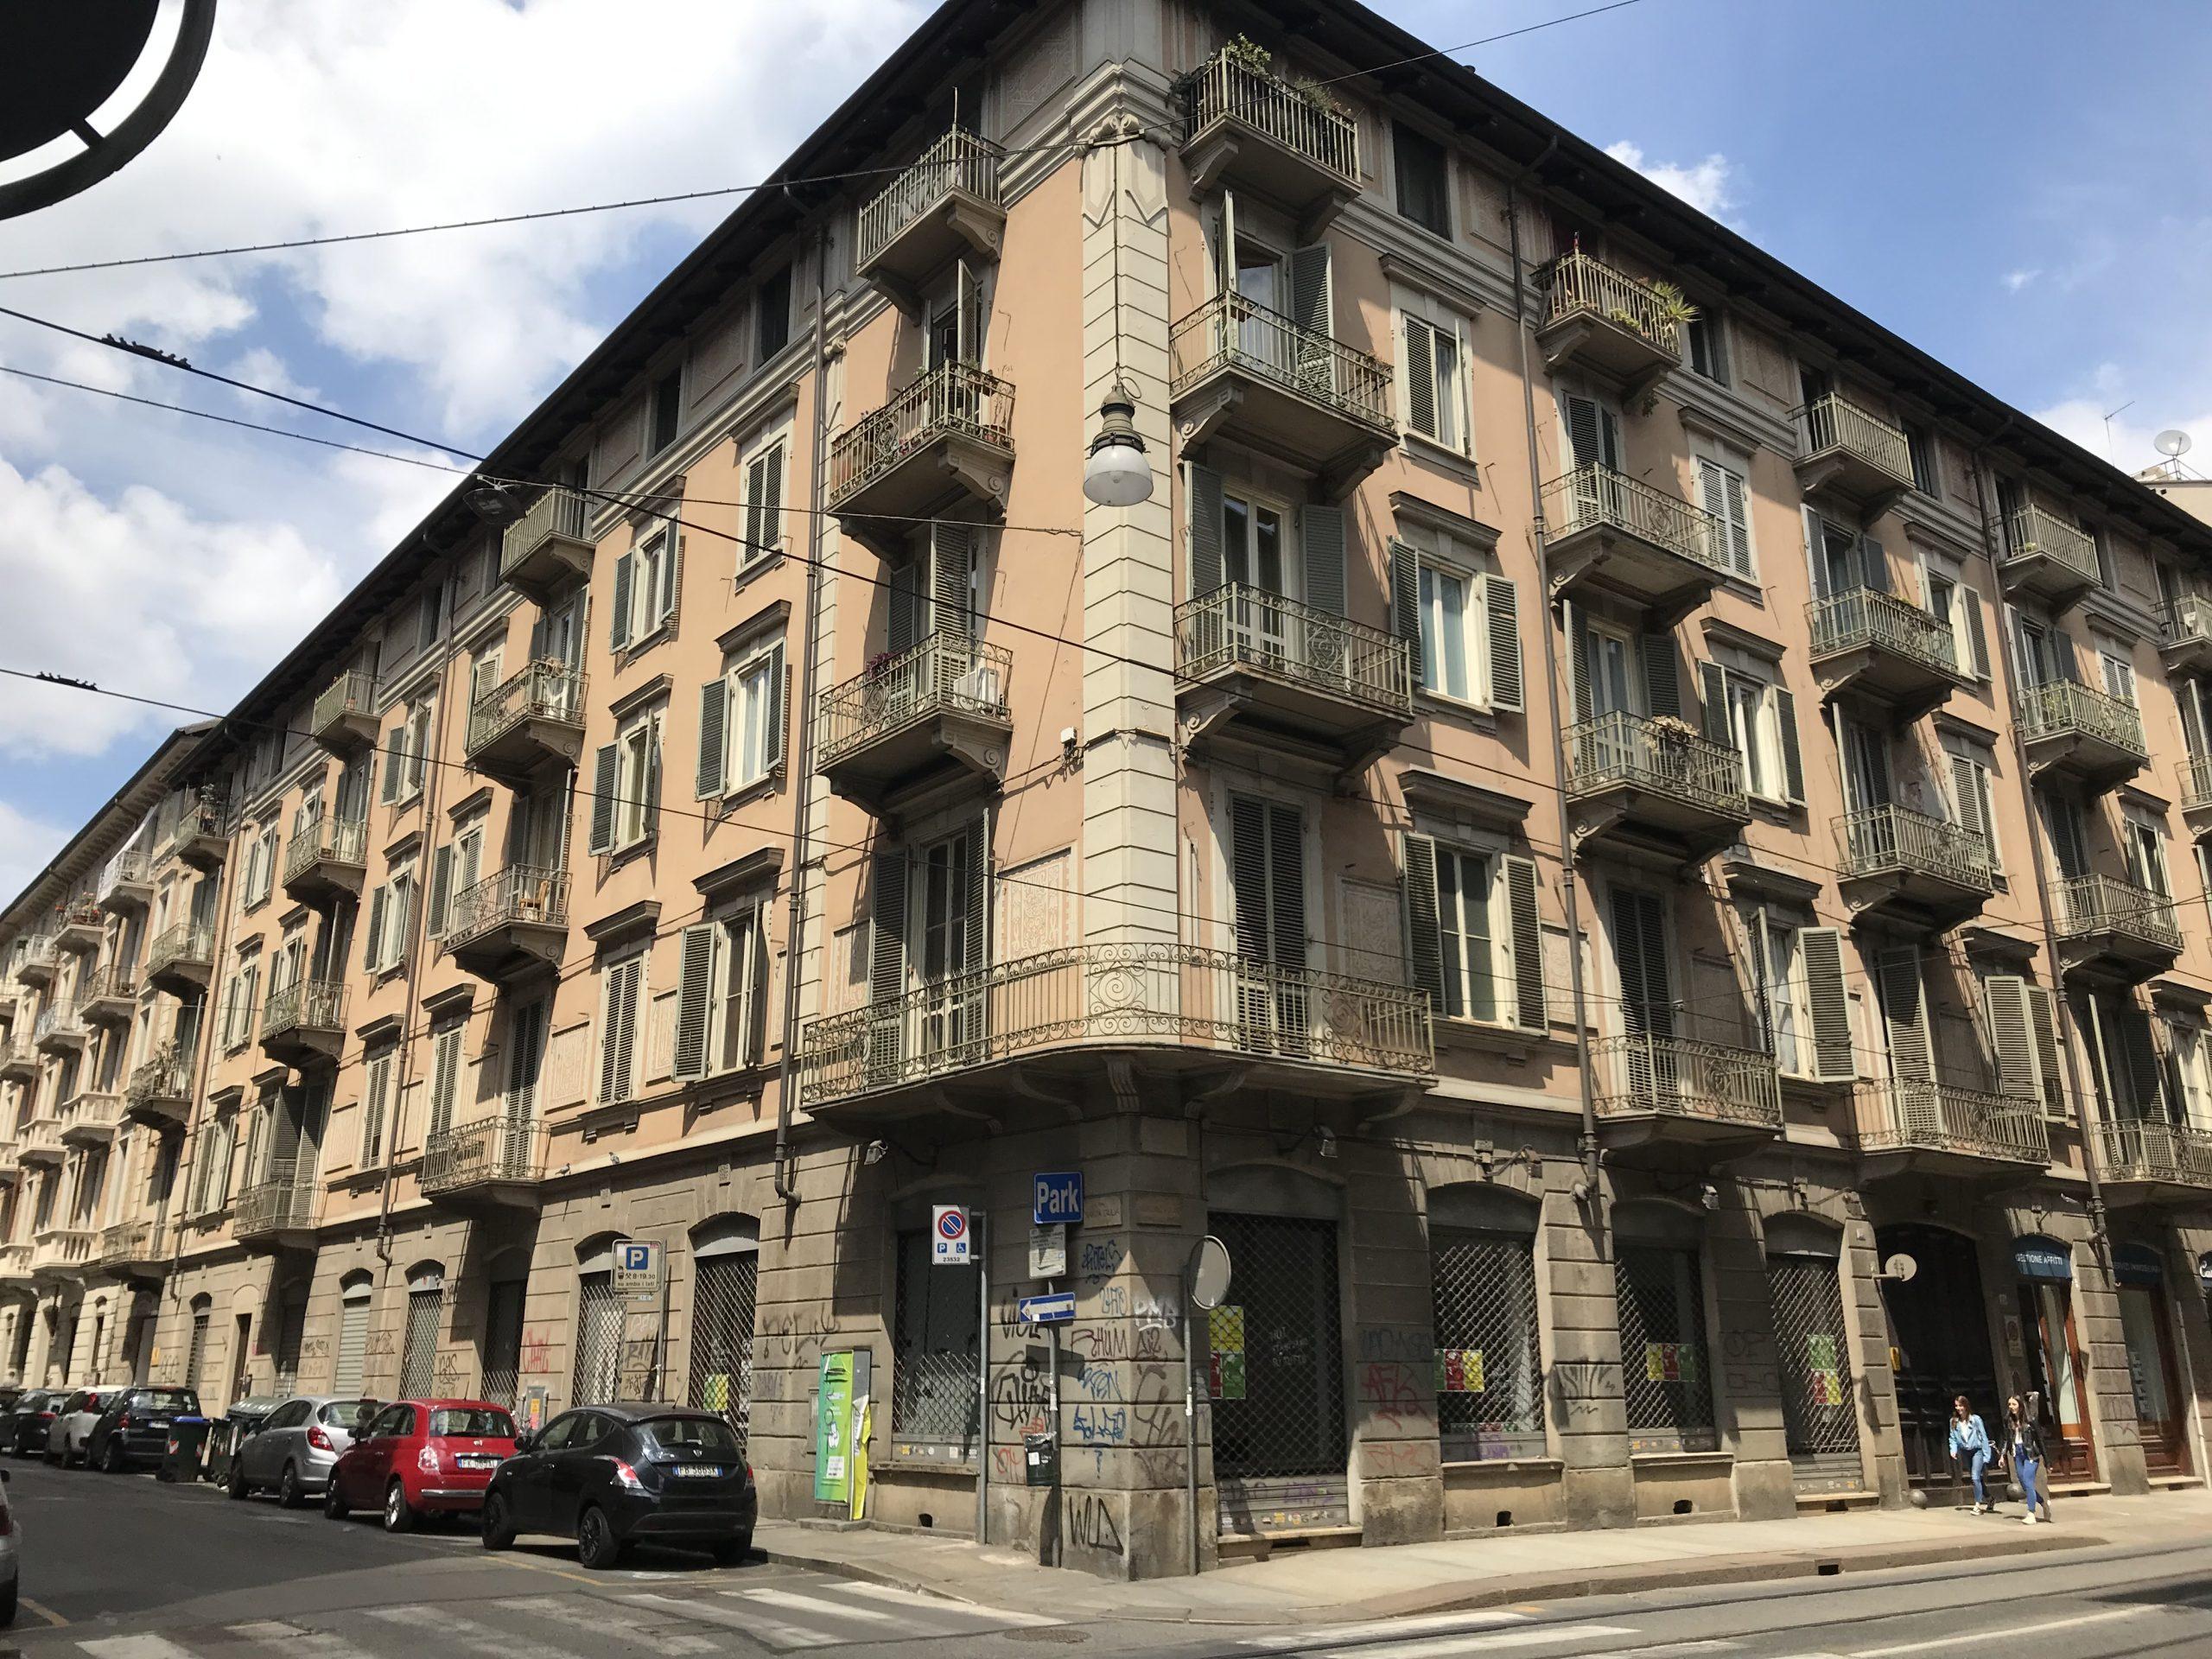 Nuda proprietà in vendita, Via Rossini.